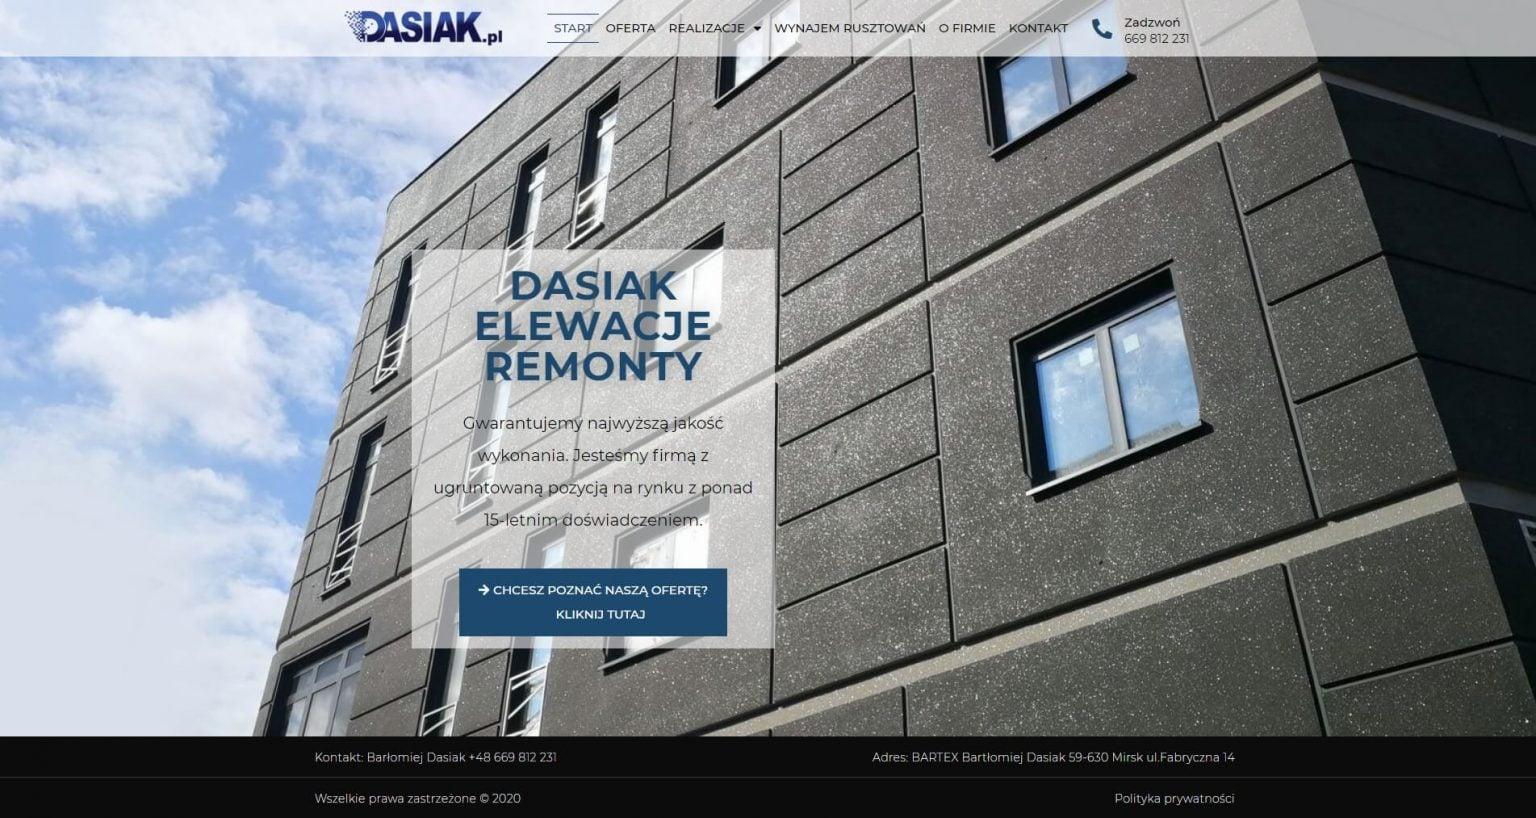 strona główna dasiak.pl